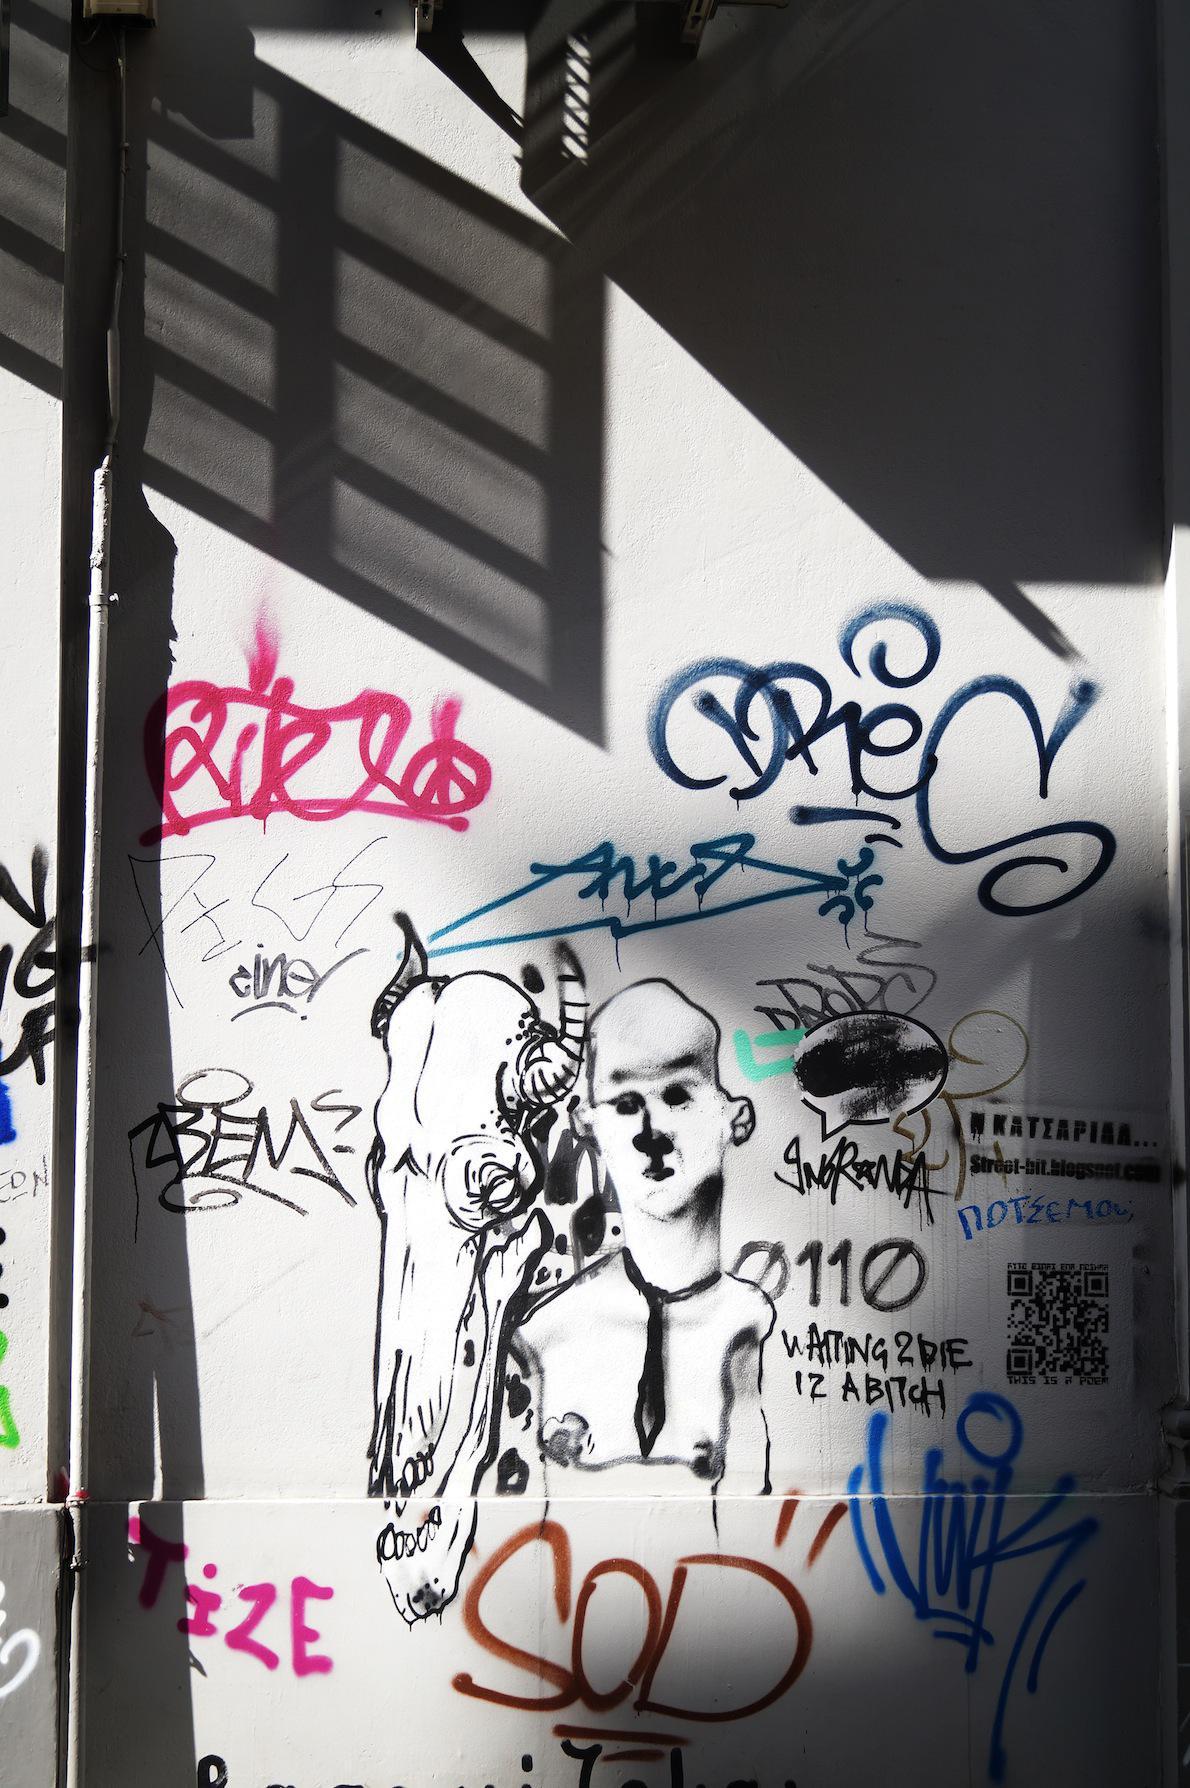 Μοναστηράκι Artist: jnor. nda. Απλές γραμμές που θυμίζουν paper sketch. Spray Paint